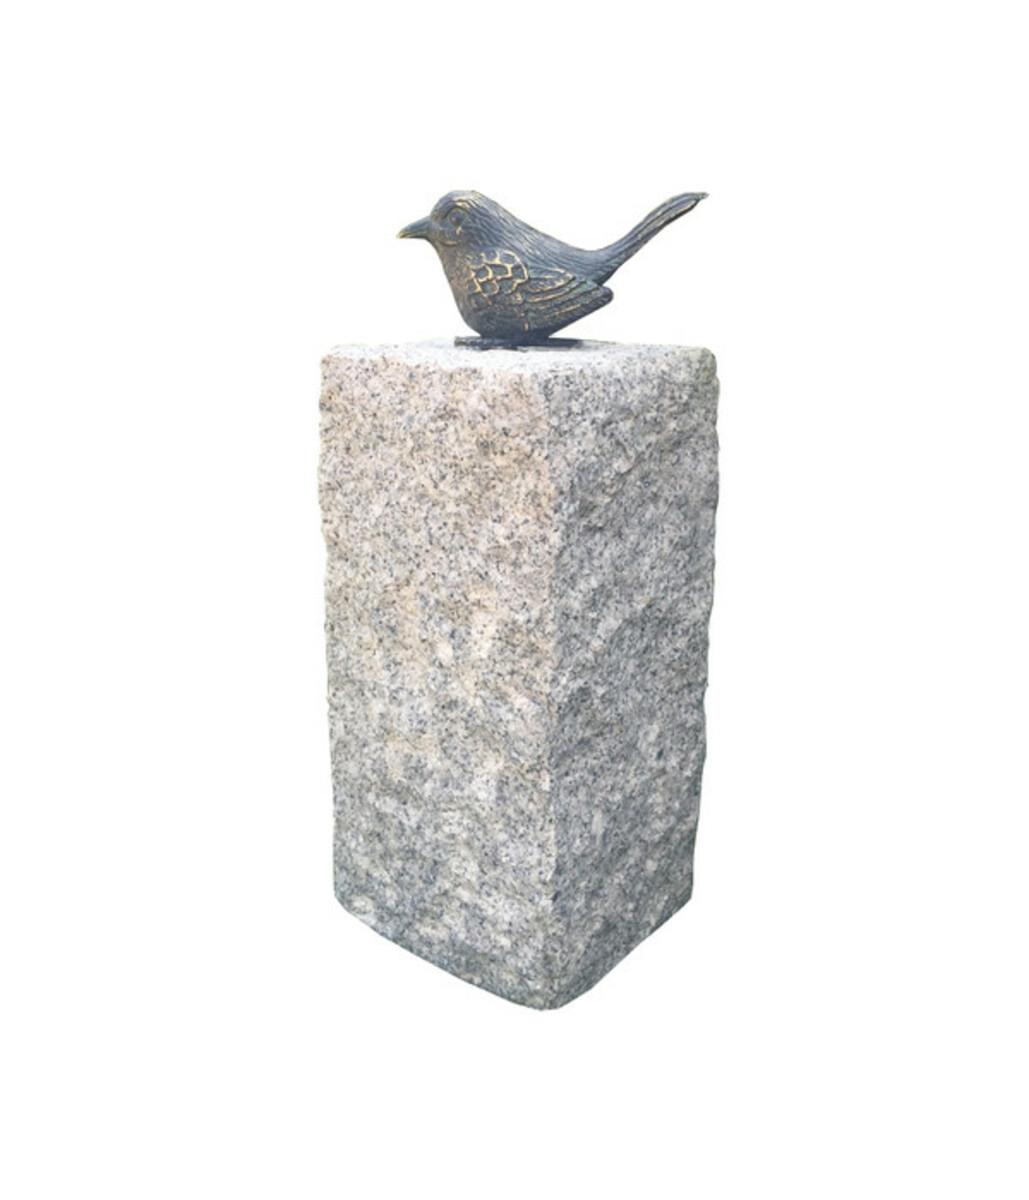 Bild 1 von Dehner Granit-Säule mit Bronze-Vogel, 12 x 12 x 35 cm